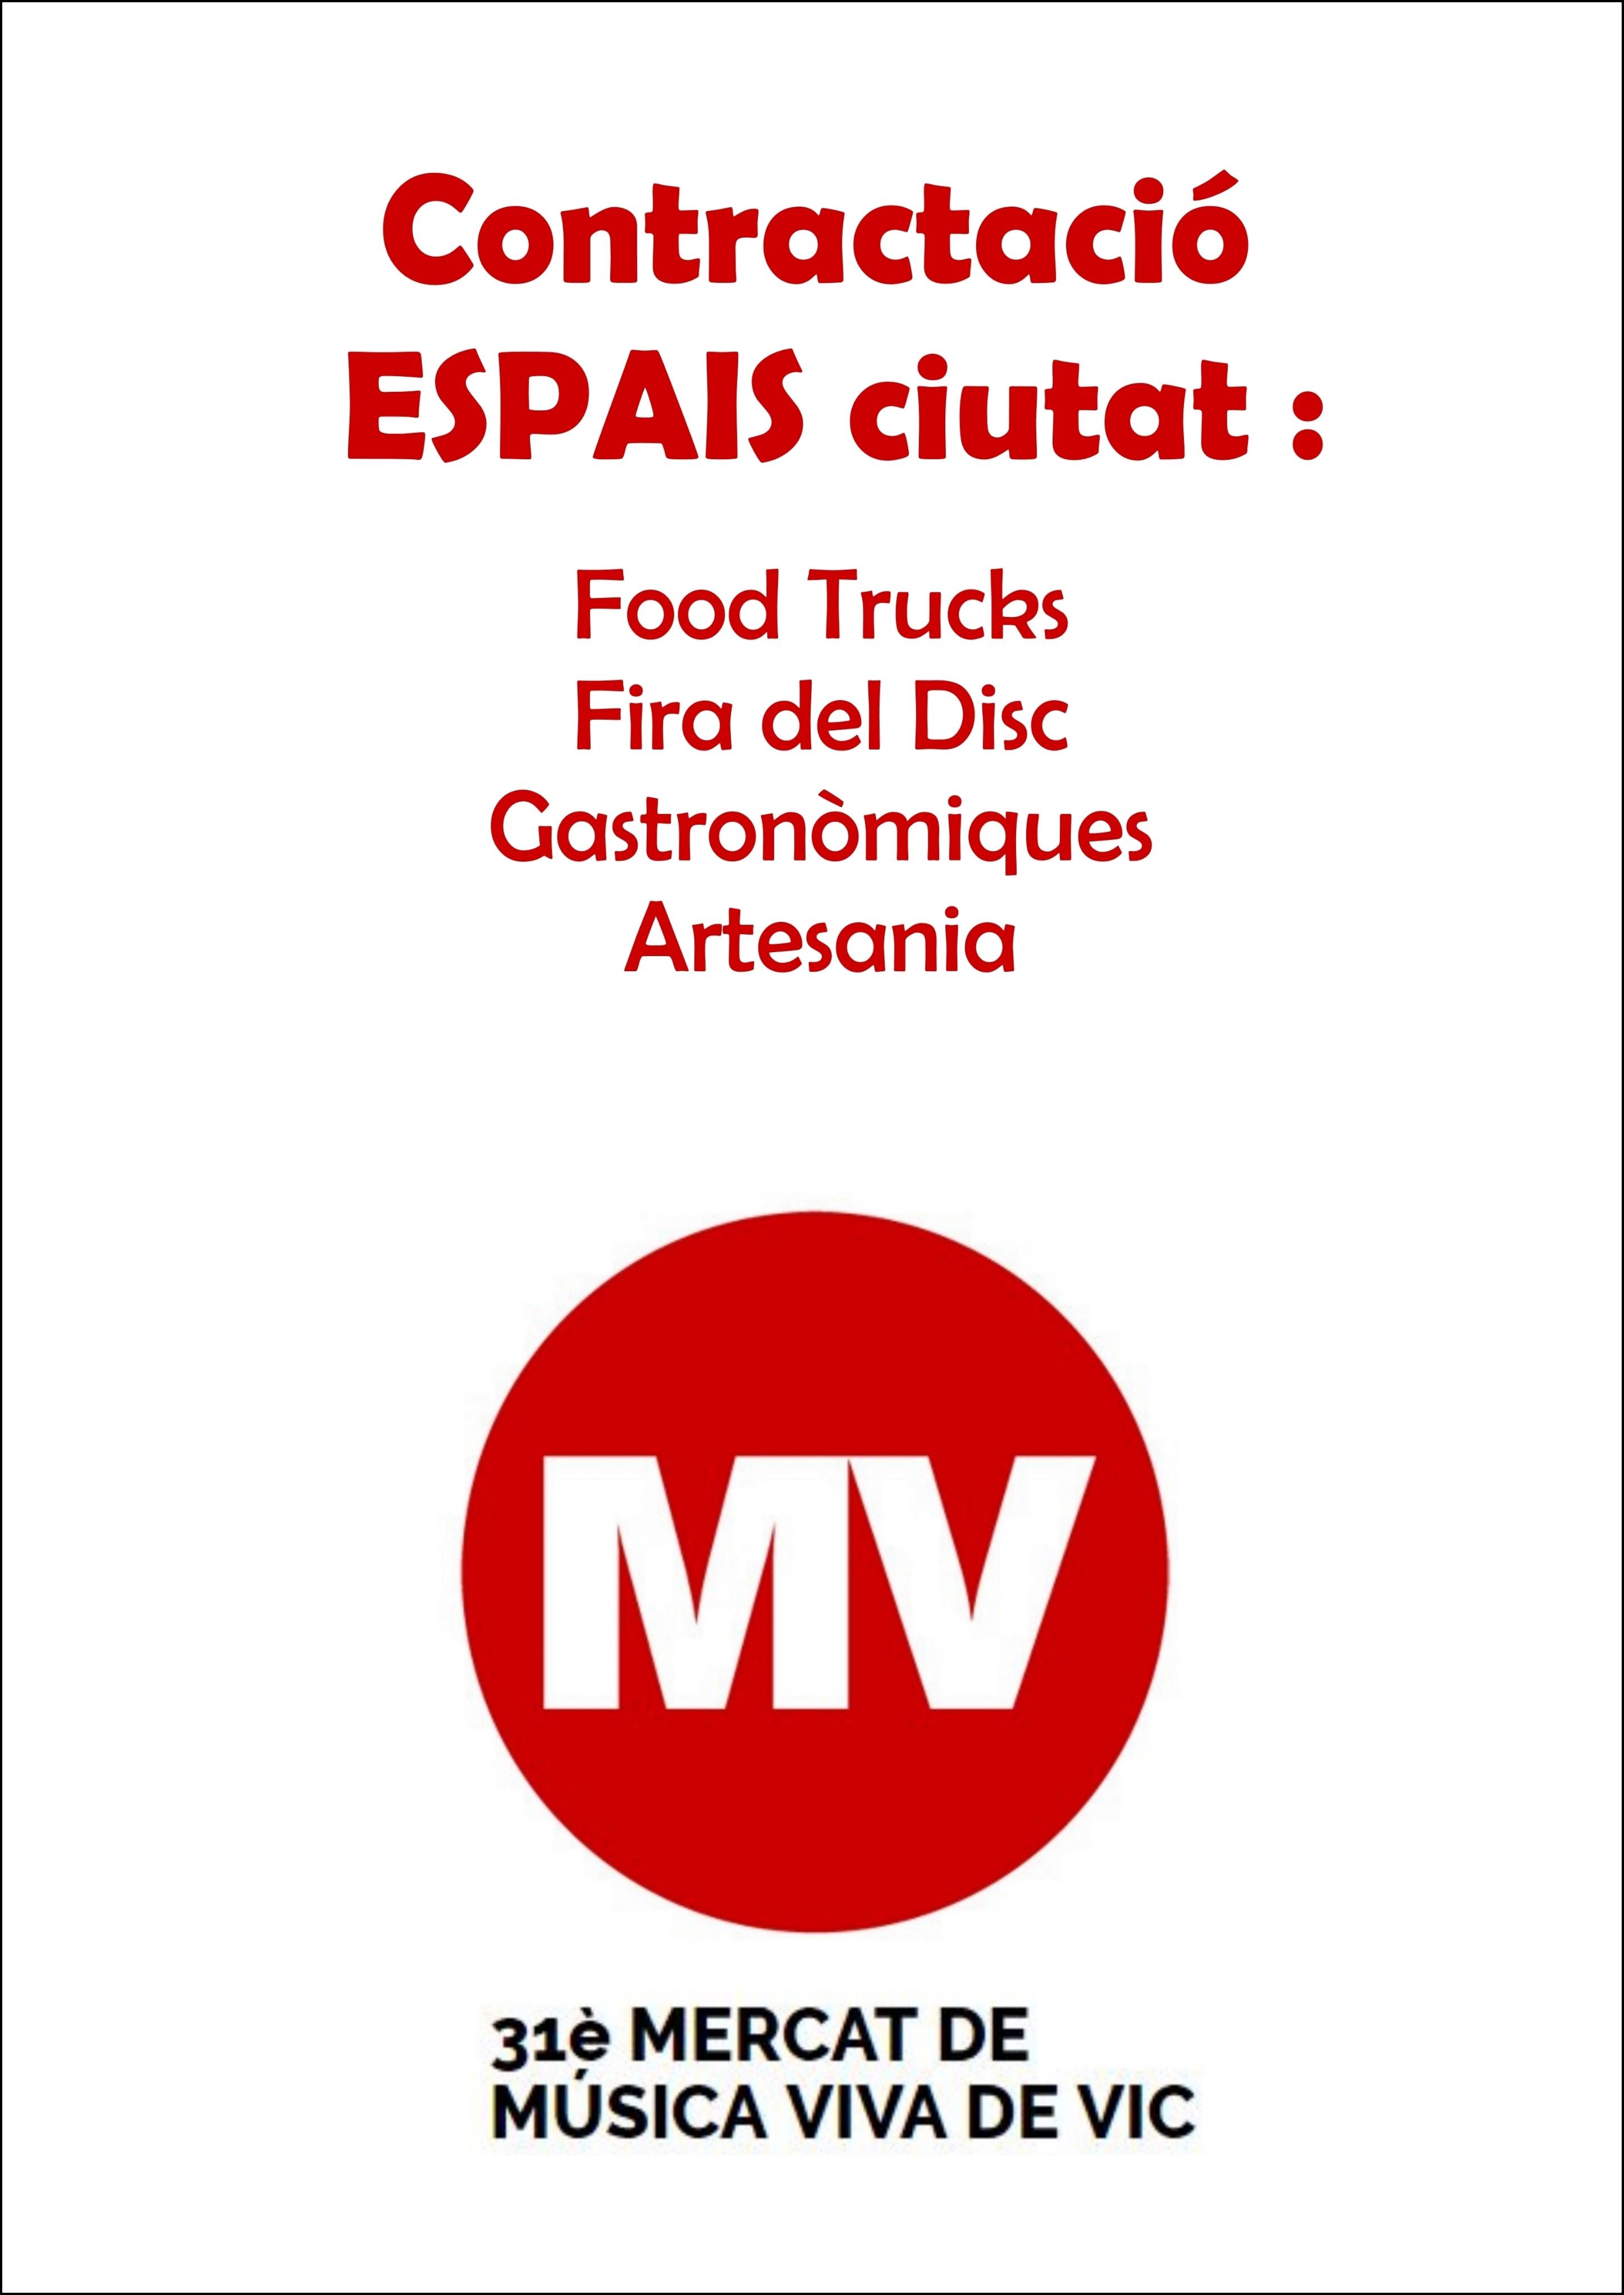 CONTRACTACIÓ ESPAIS CIUTAT | MMVV